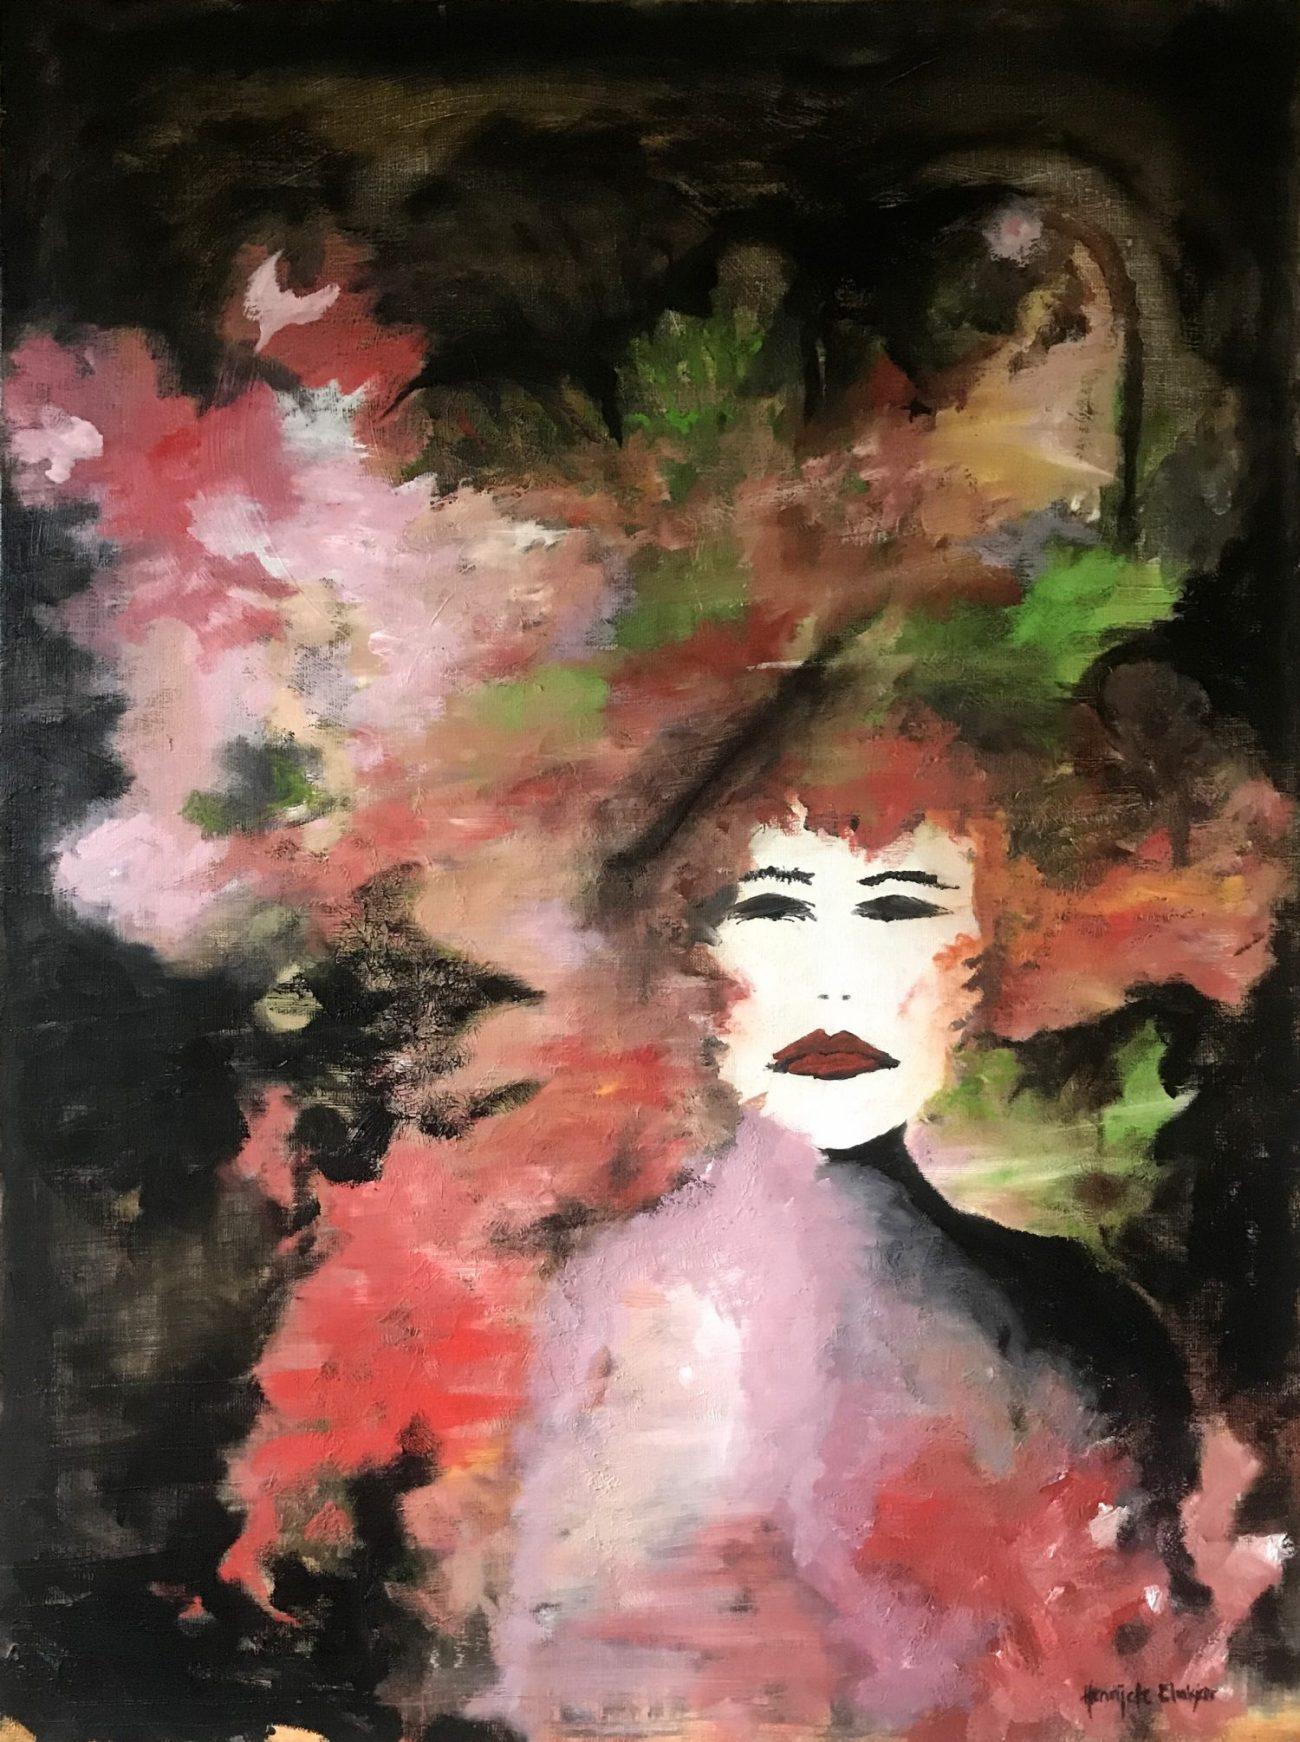 Her Fairytale